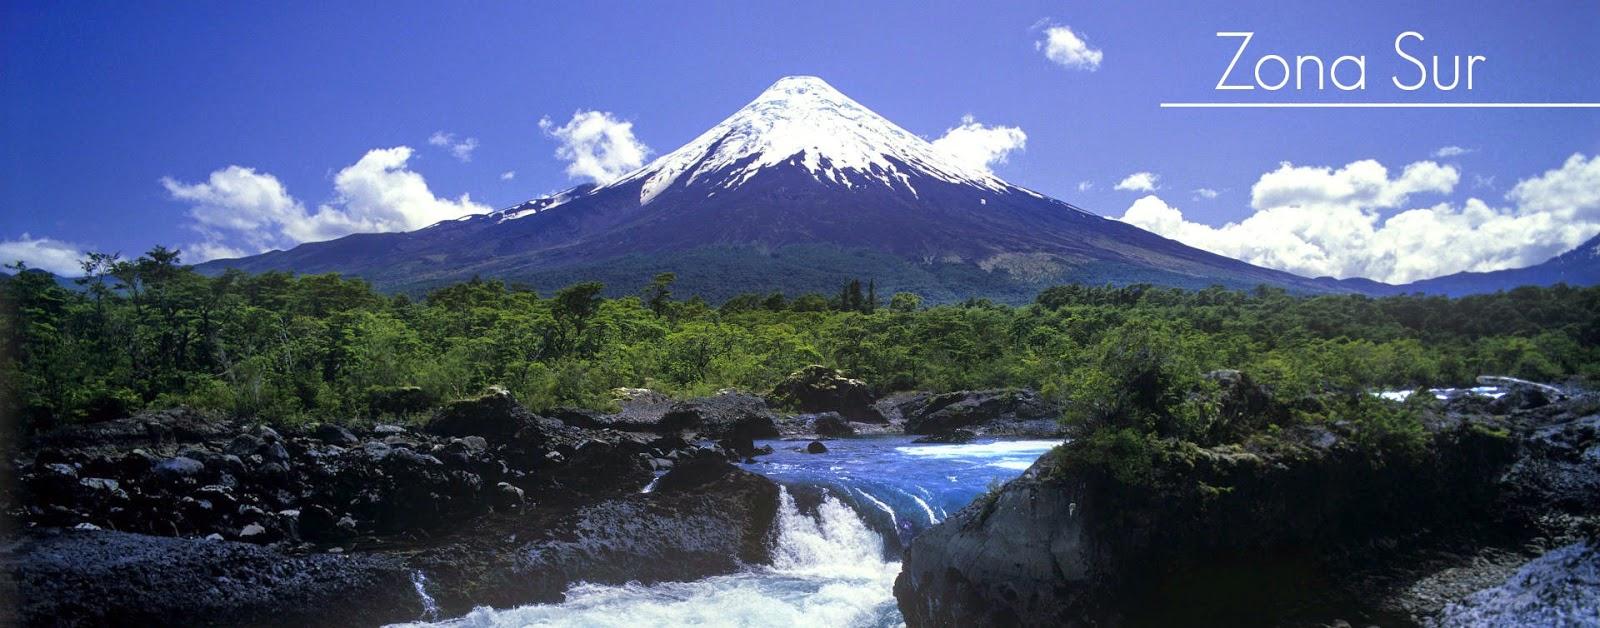 Geografia Turistica Chile Zona Sur